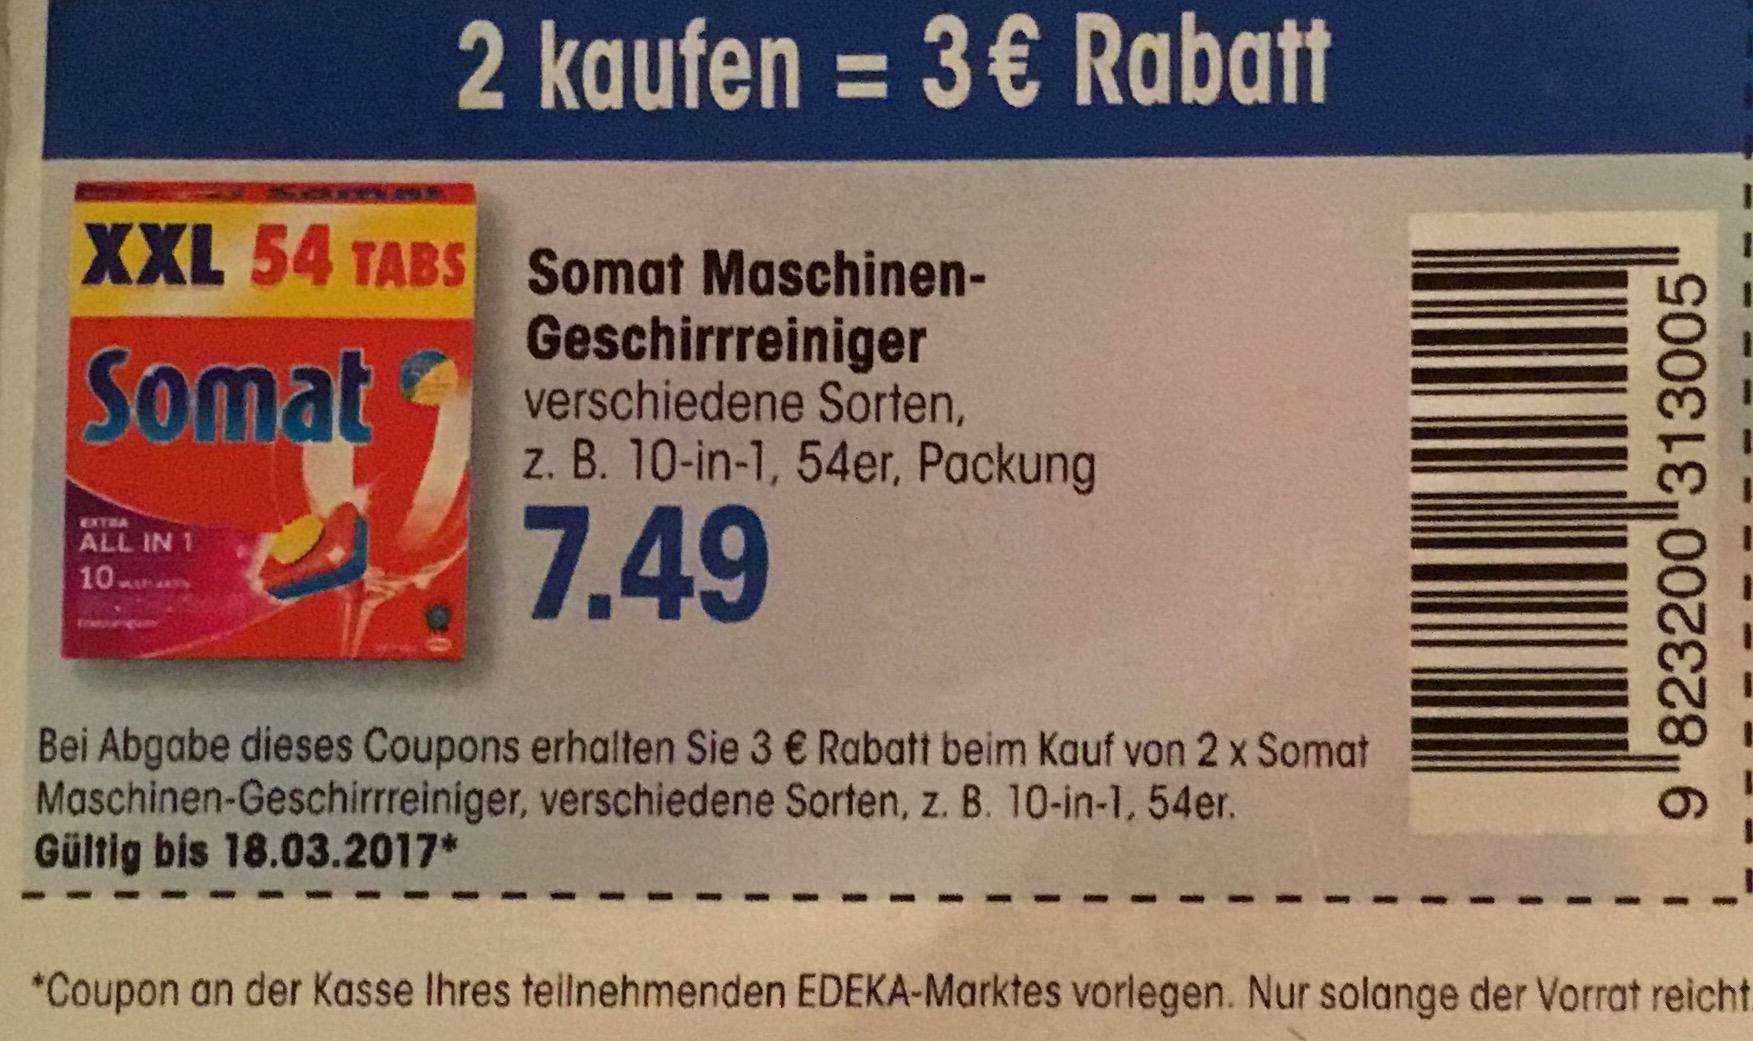 Edeka neukauf & aktivmarkt: 2x Somat XXL für 11,98€ mit Coupon (z.B. Gold 96 St., 10in1 108 St.,...)